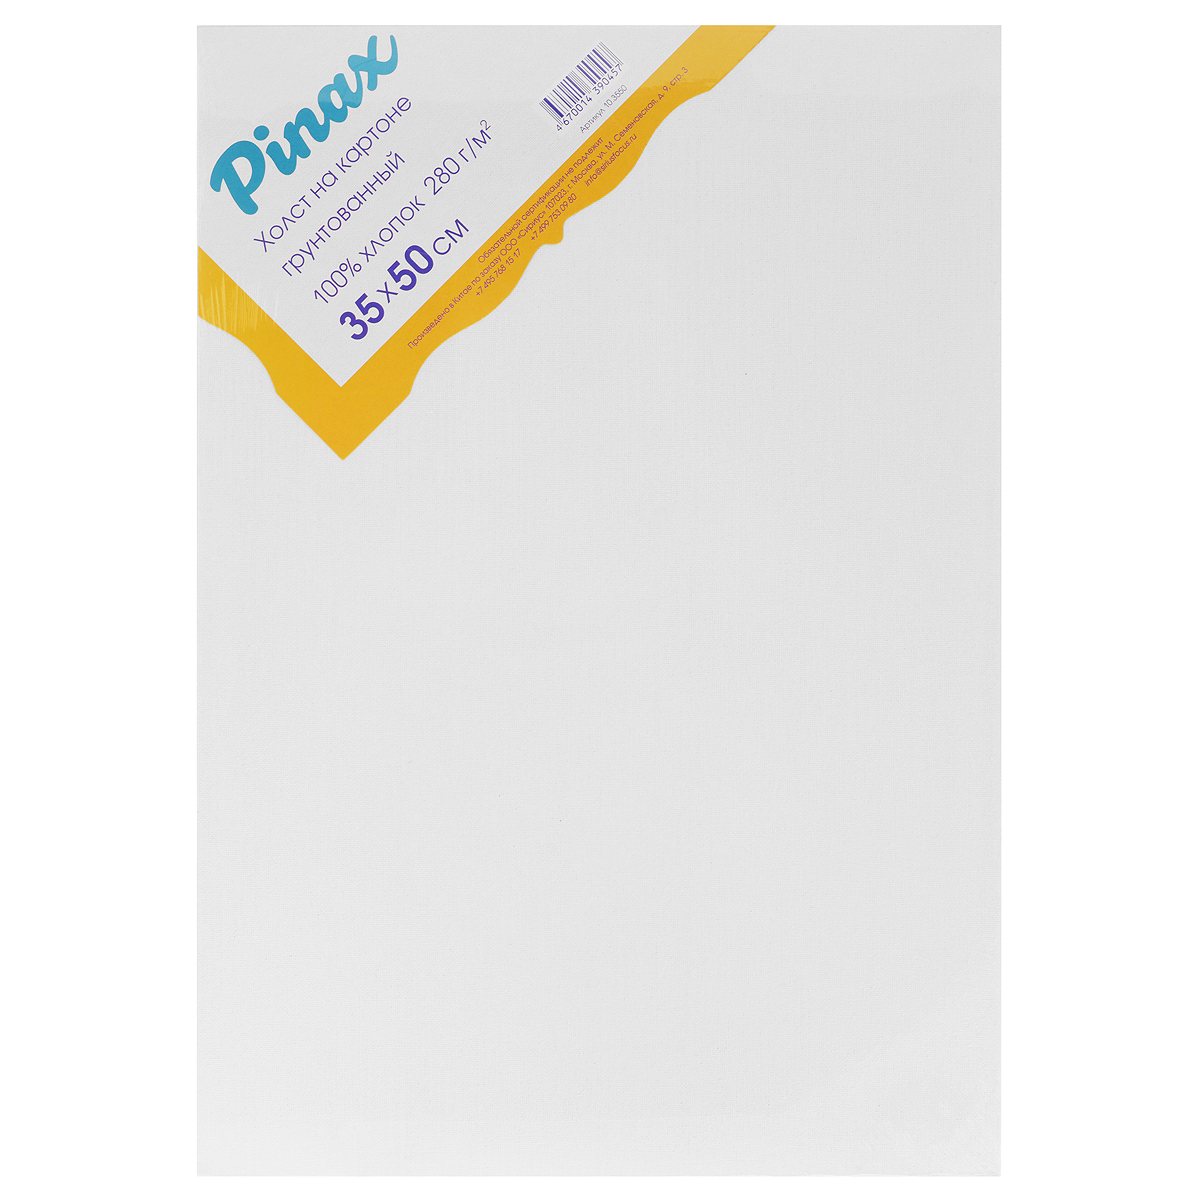 """Холст грунтованный """"Pinax"""", на картоне, 35 см х 50 см"""